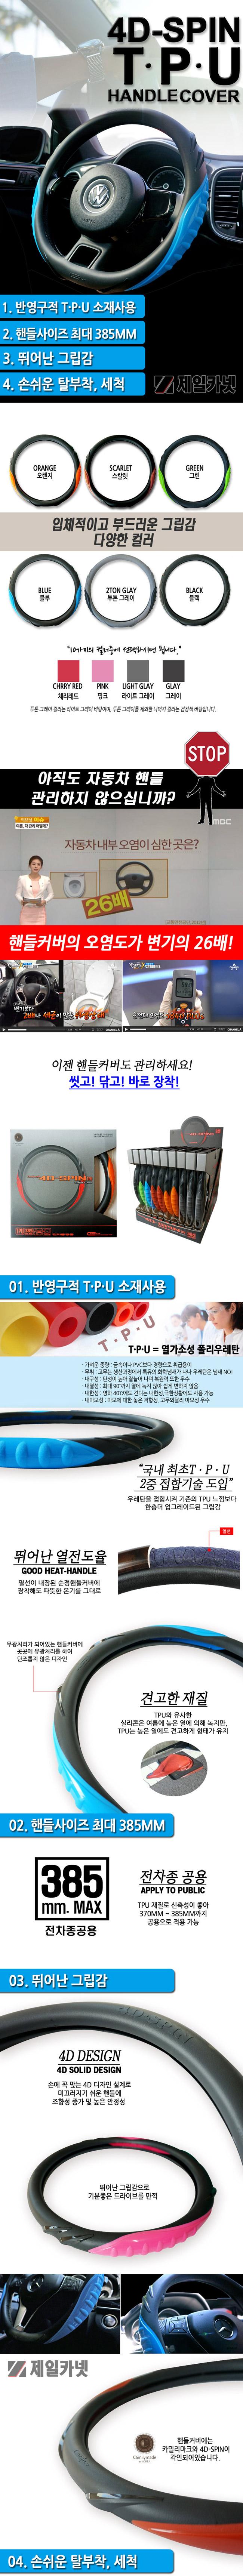 세원 4D-SPIN TPU 핸들커버